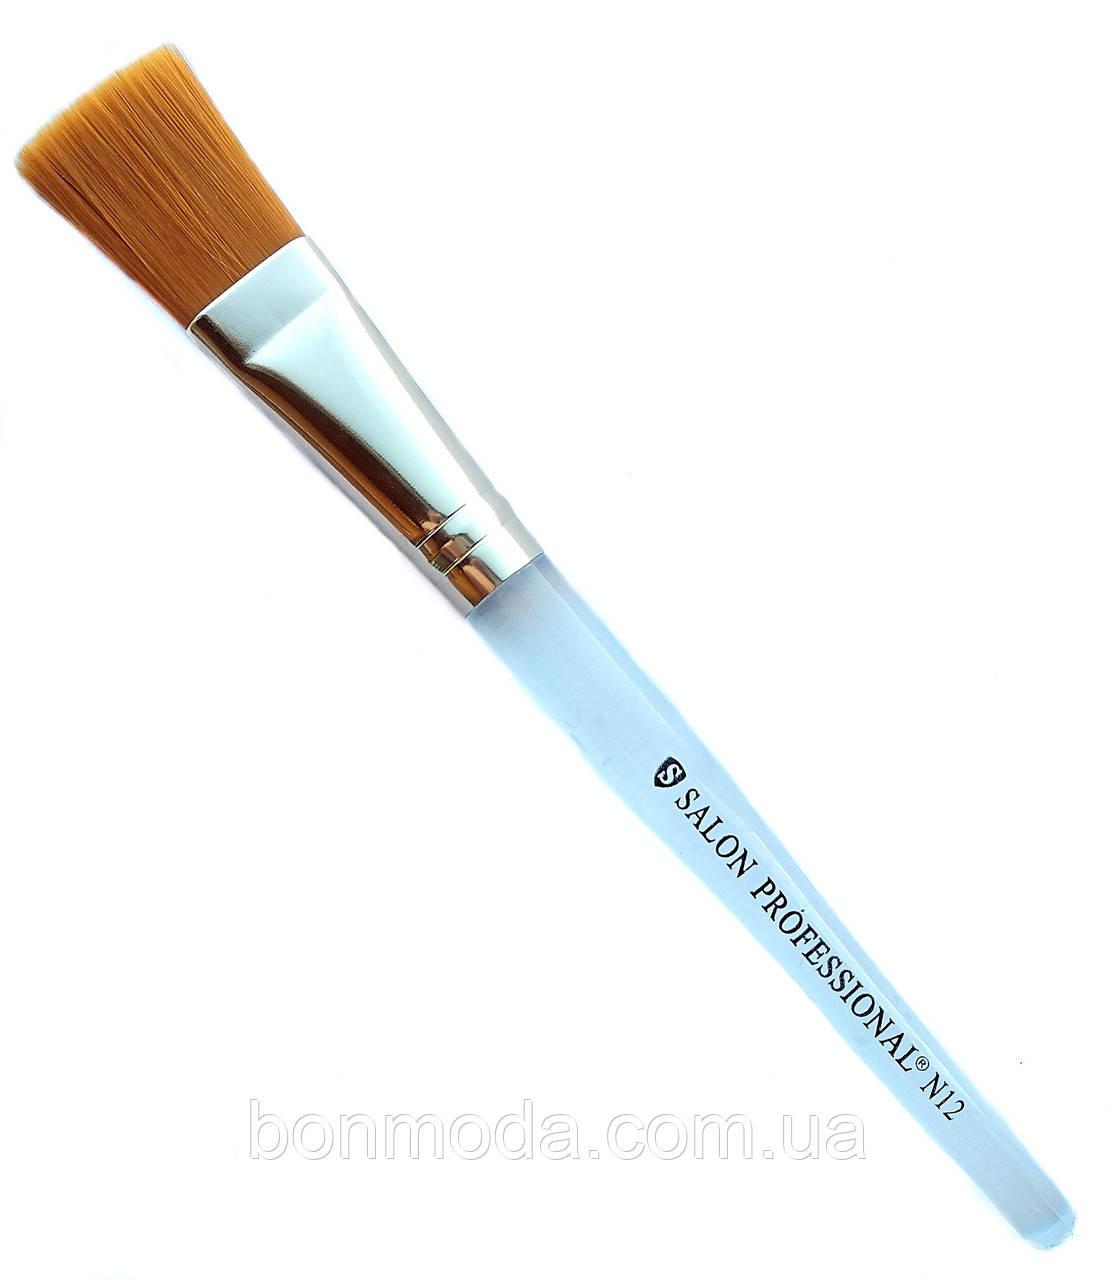 Кисть для нанесения жидких текстур Salon Professional № 12